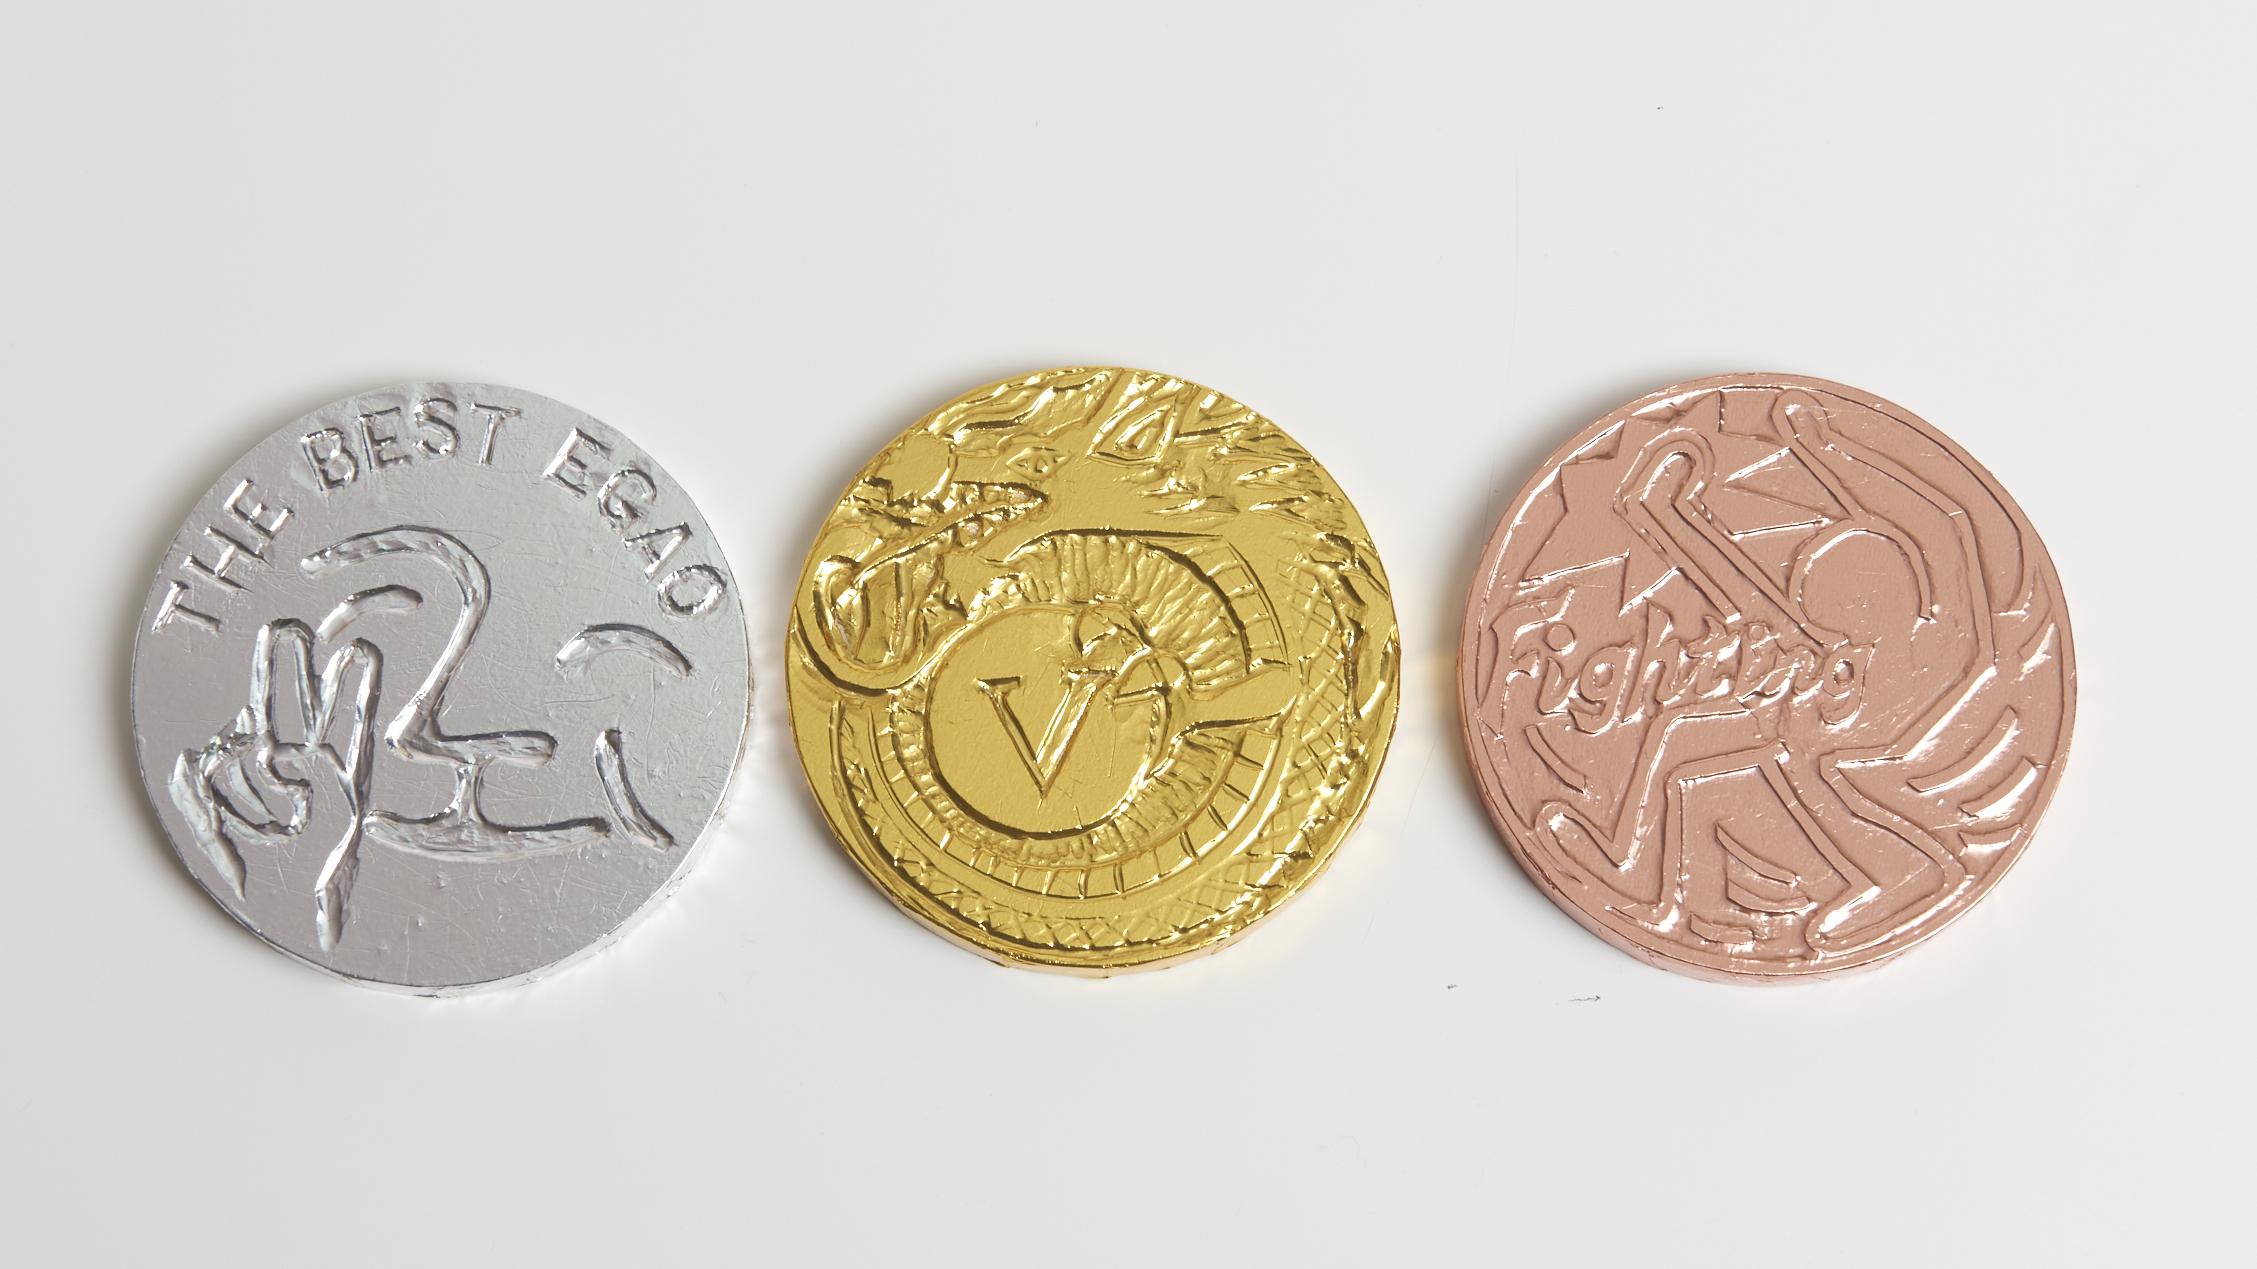 金・銀・銅のアルミ箔でメダルをつくろう!のメイン画像